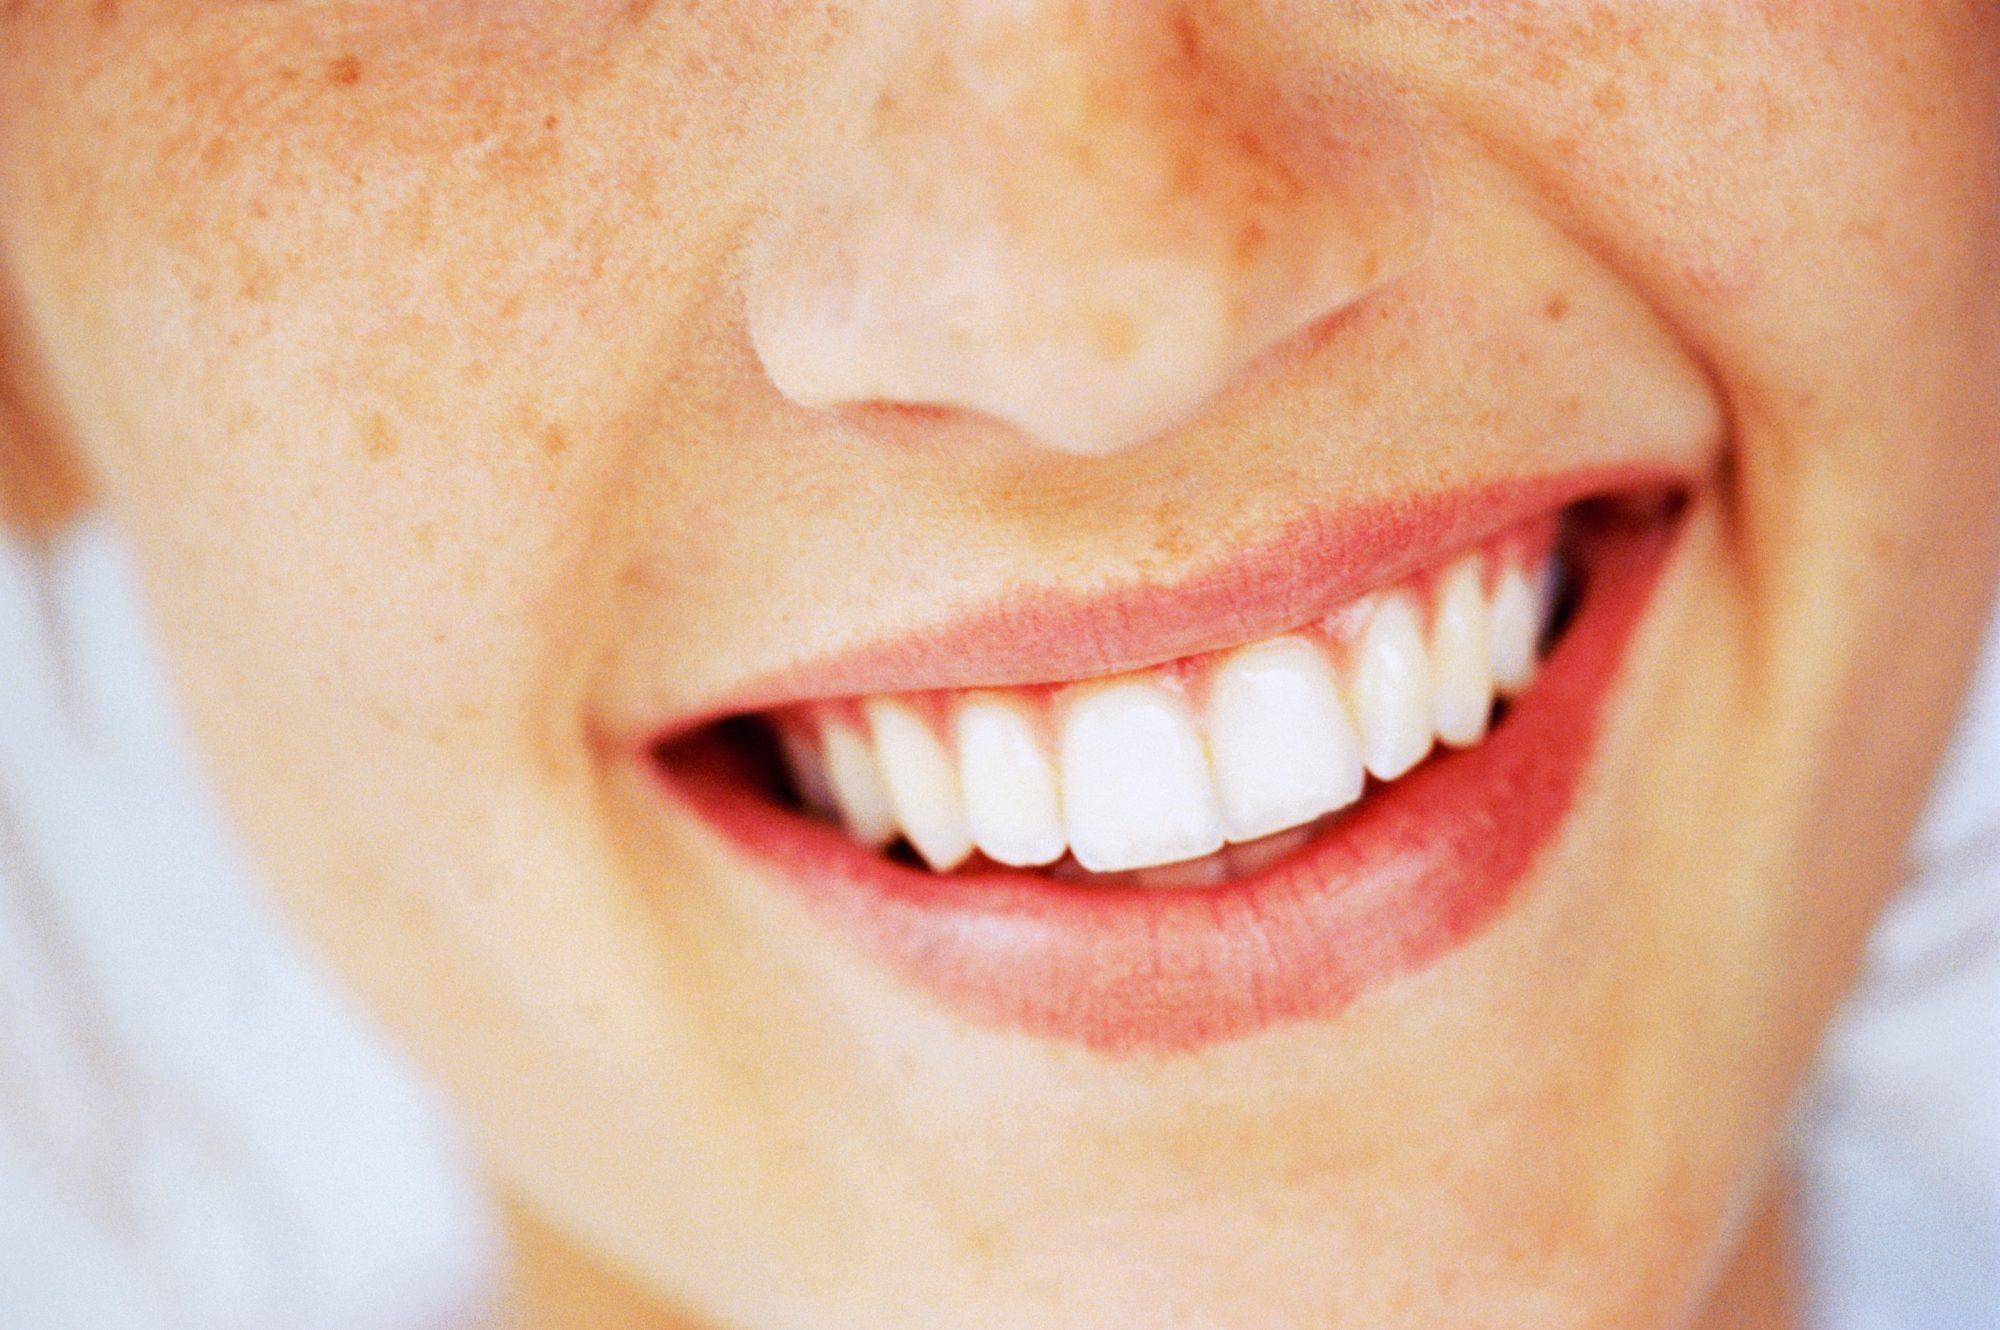 Boca y sonrisa sana en verano